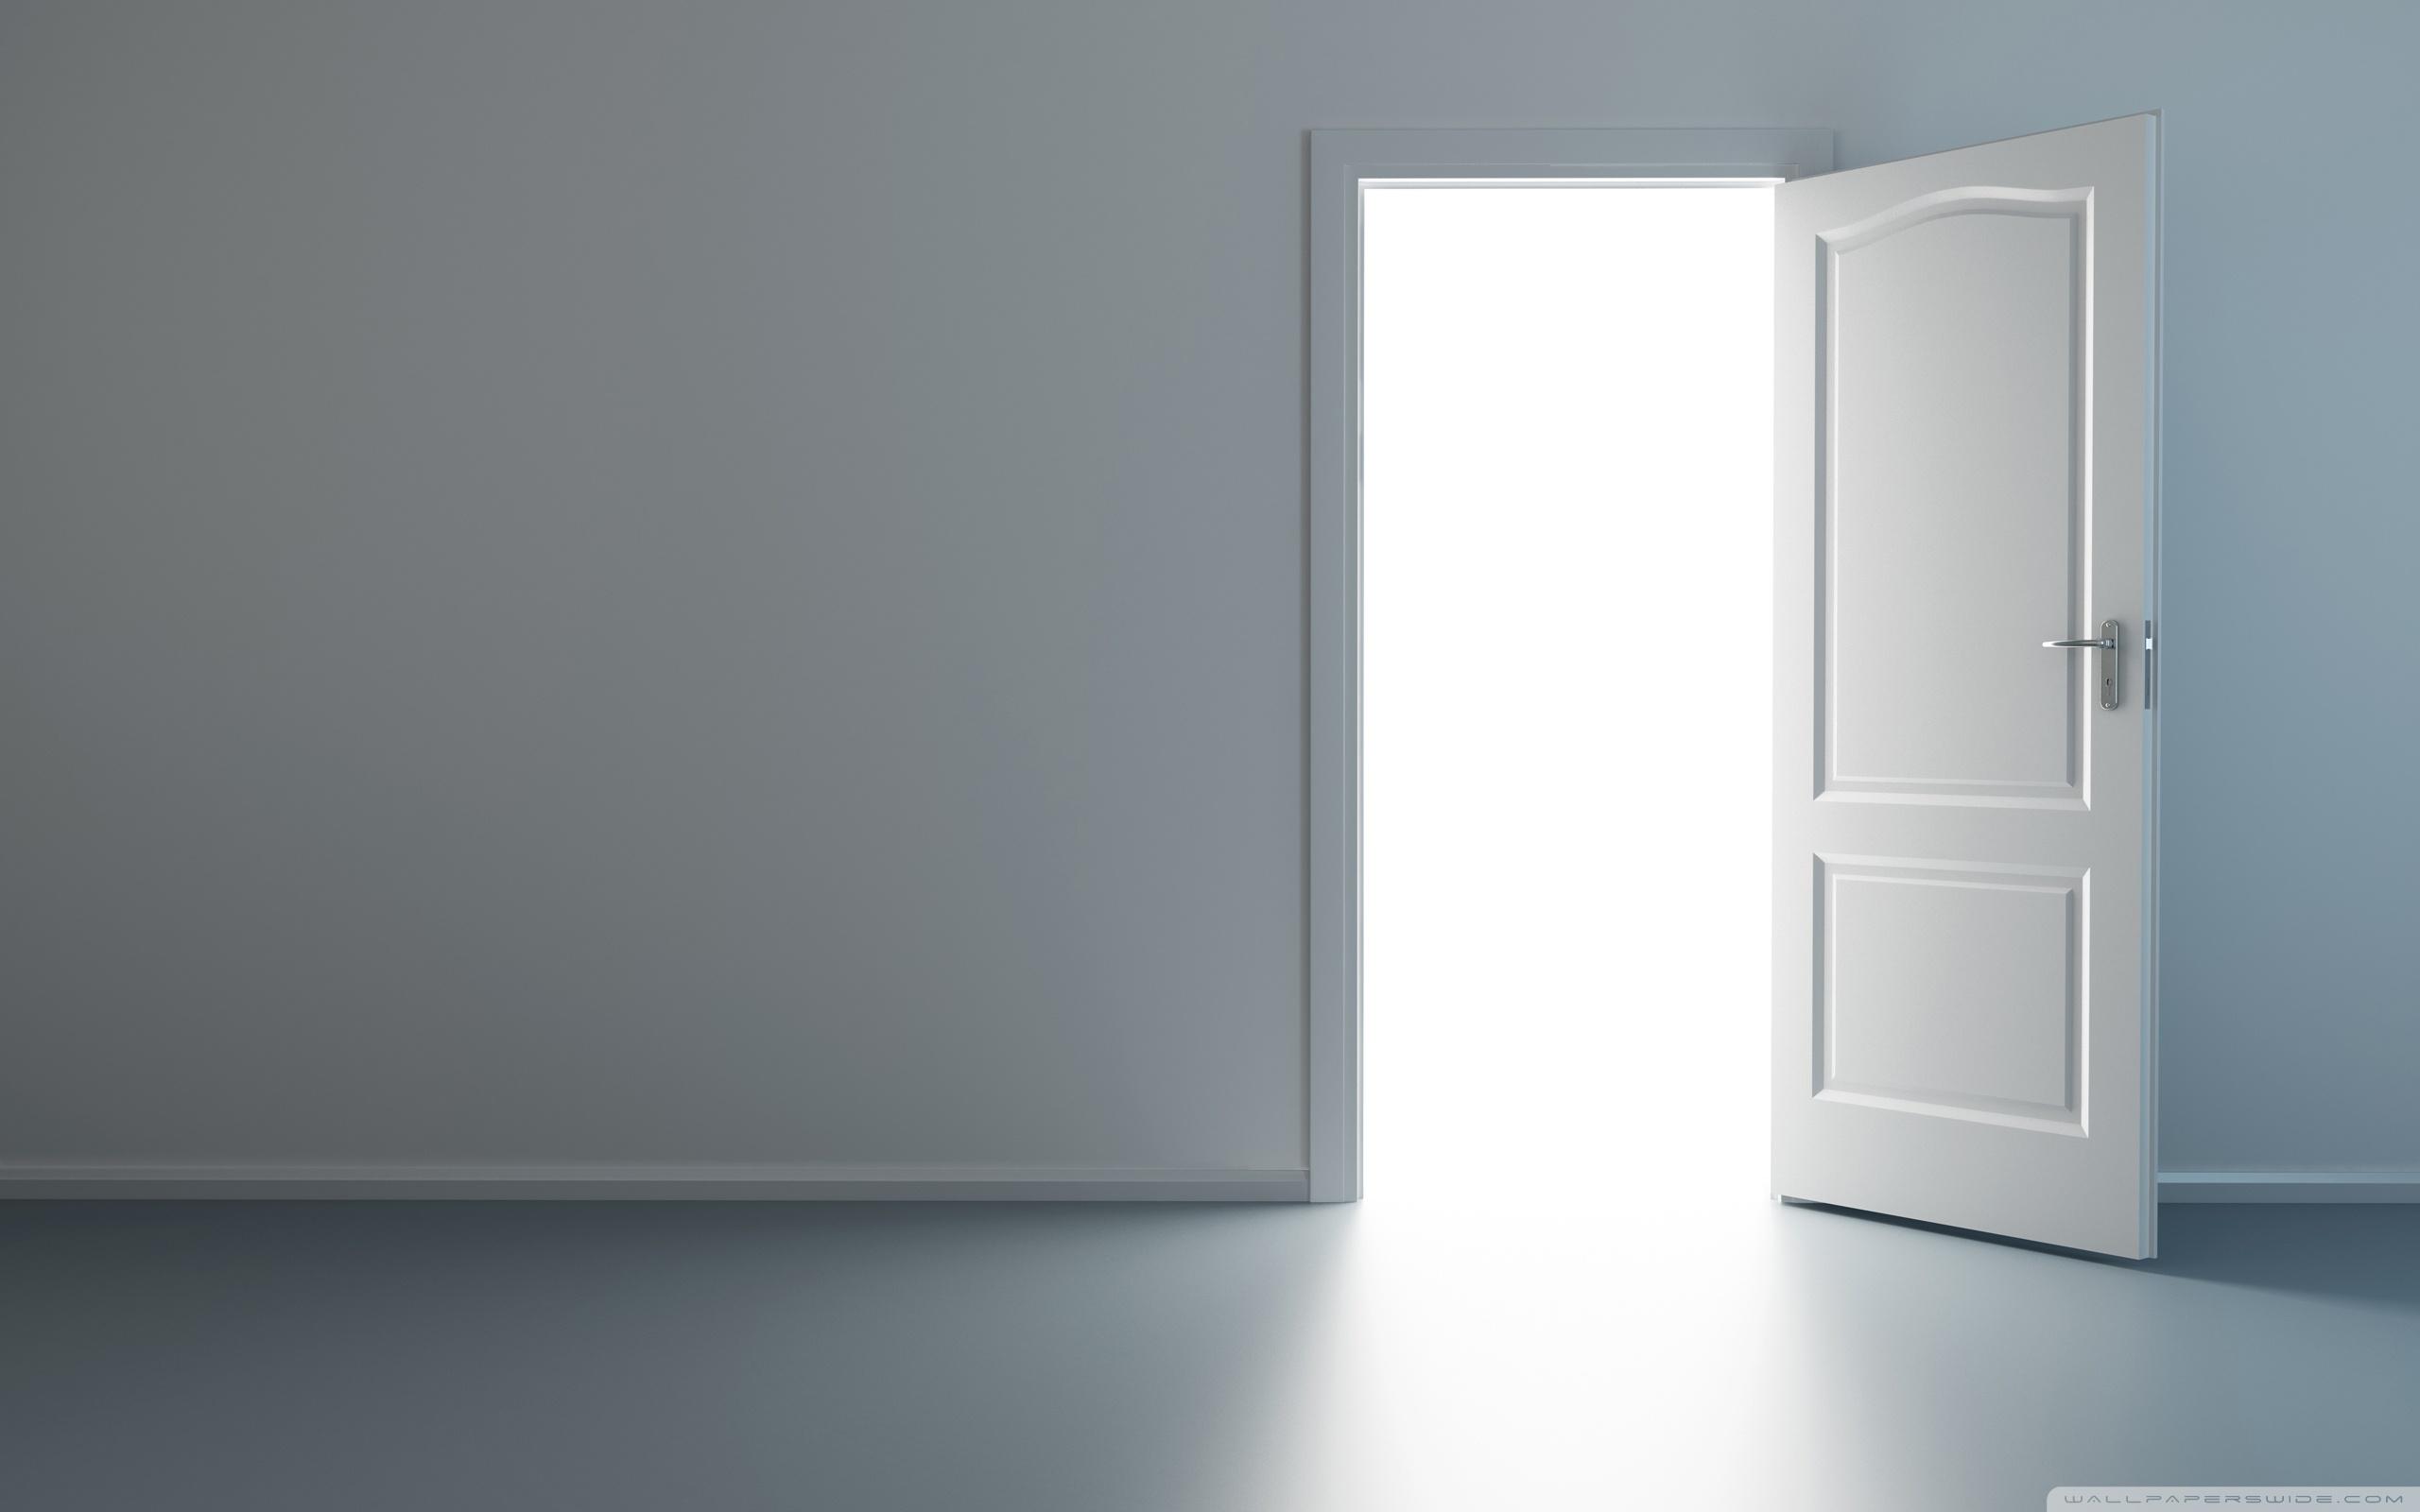 Be an opener of doors.